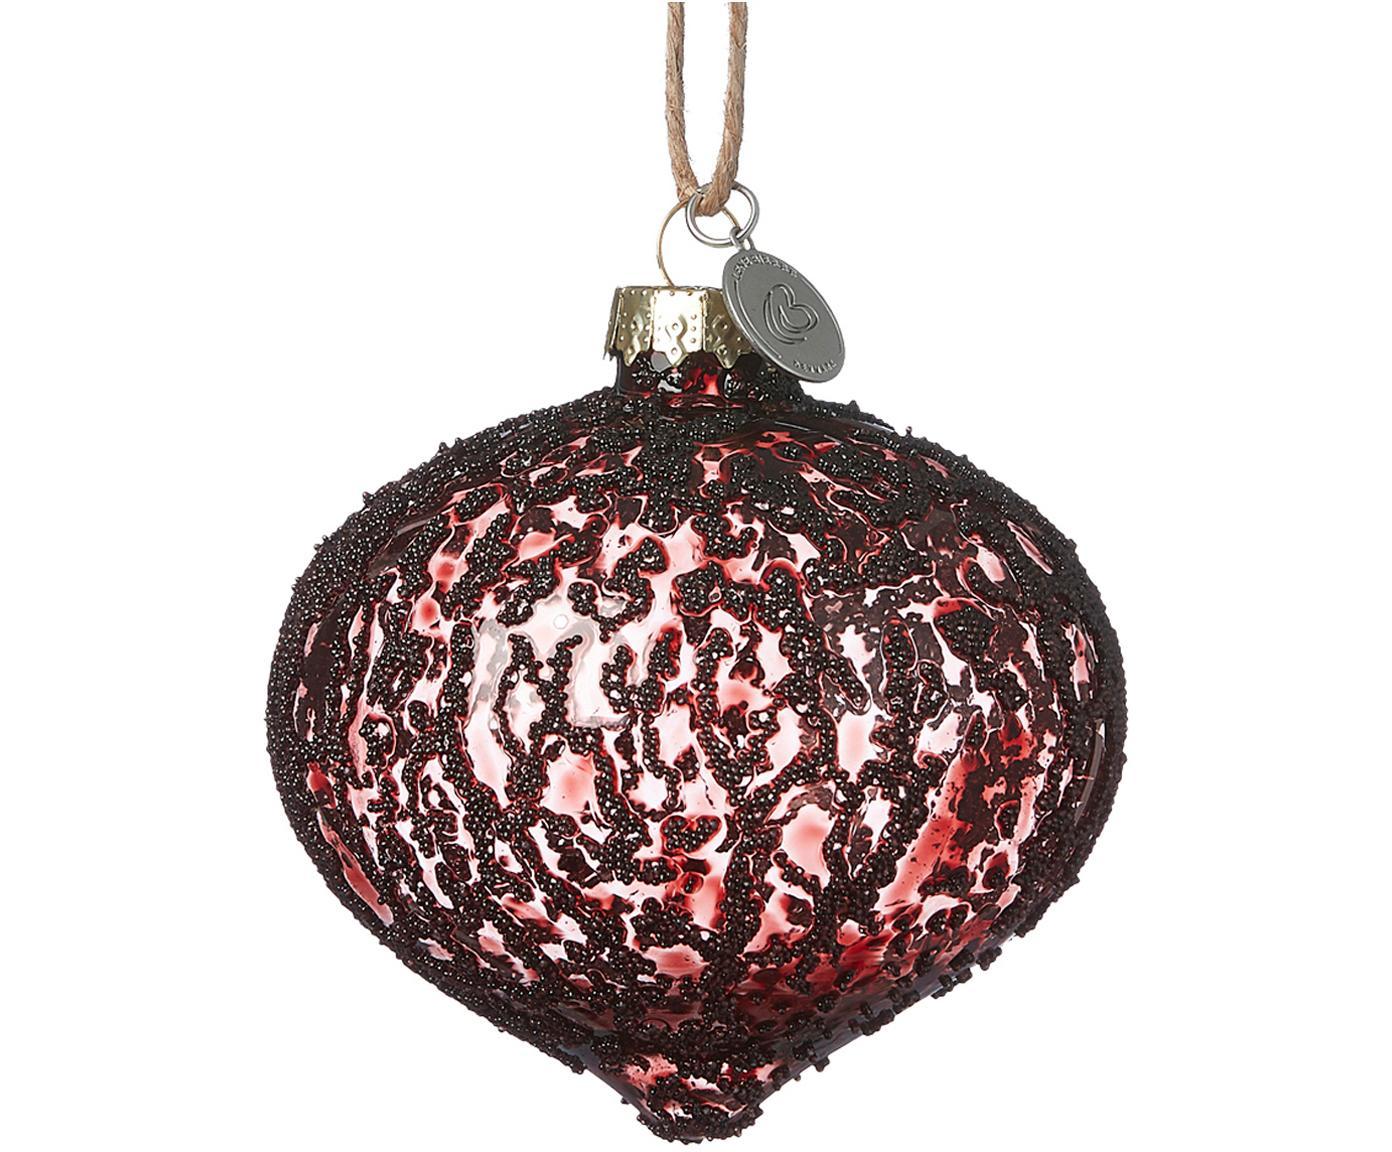 Weihnachtskugeln Charity, 2 Stück, Dunkelrot, Ø 8 x H 8 cm